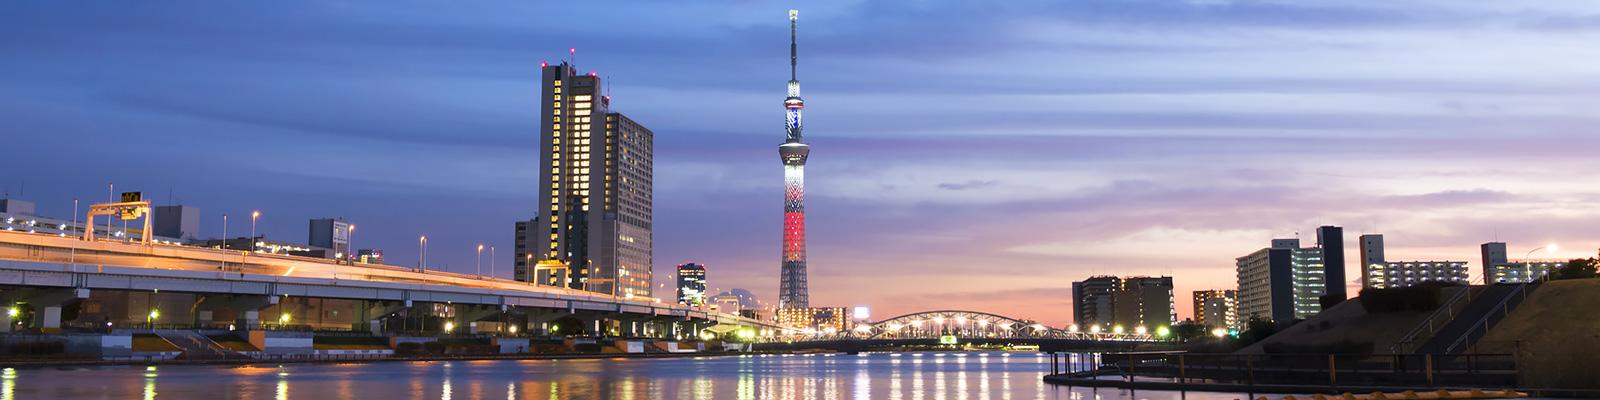 東京スカイツリー イメージ